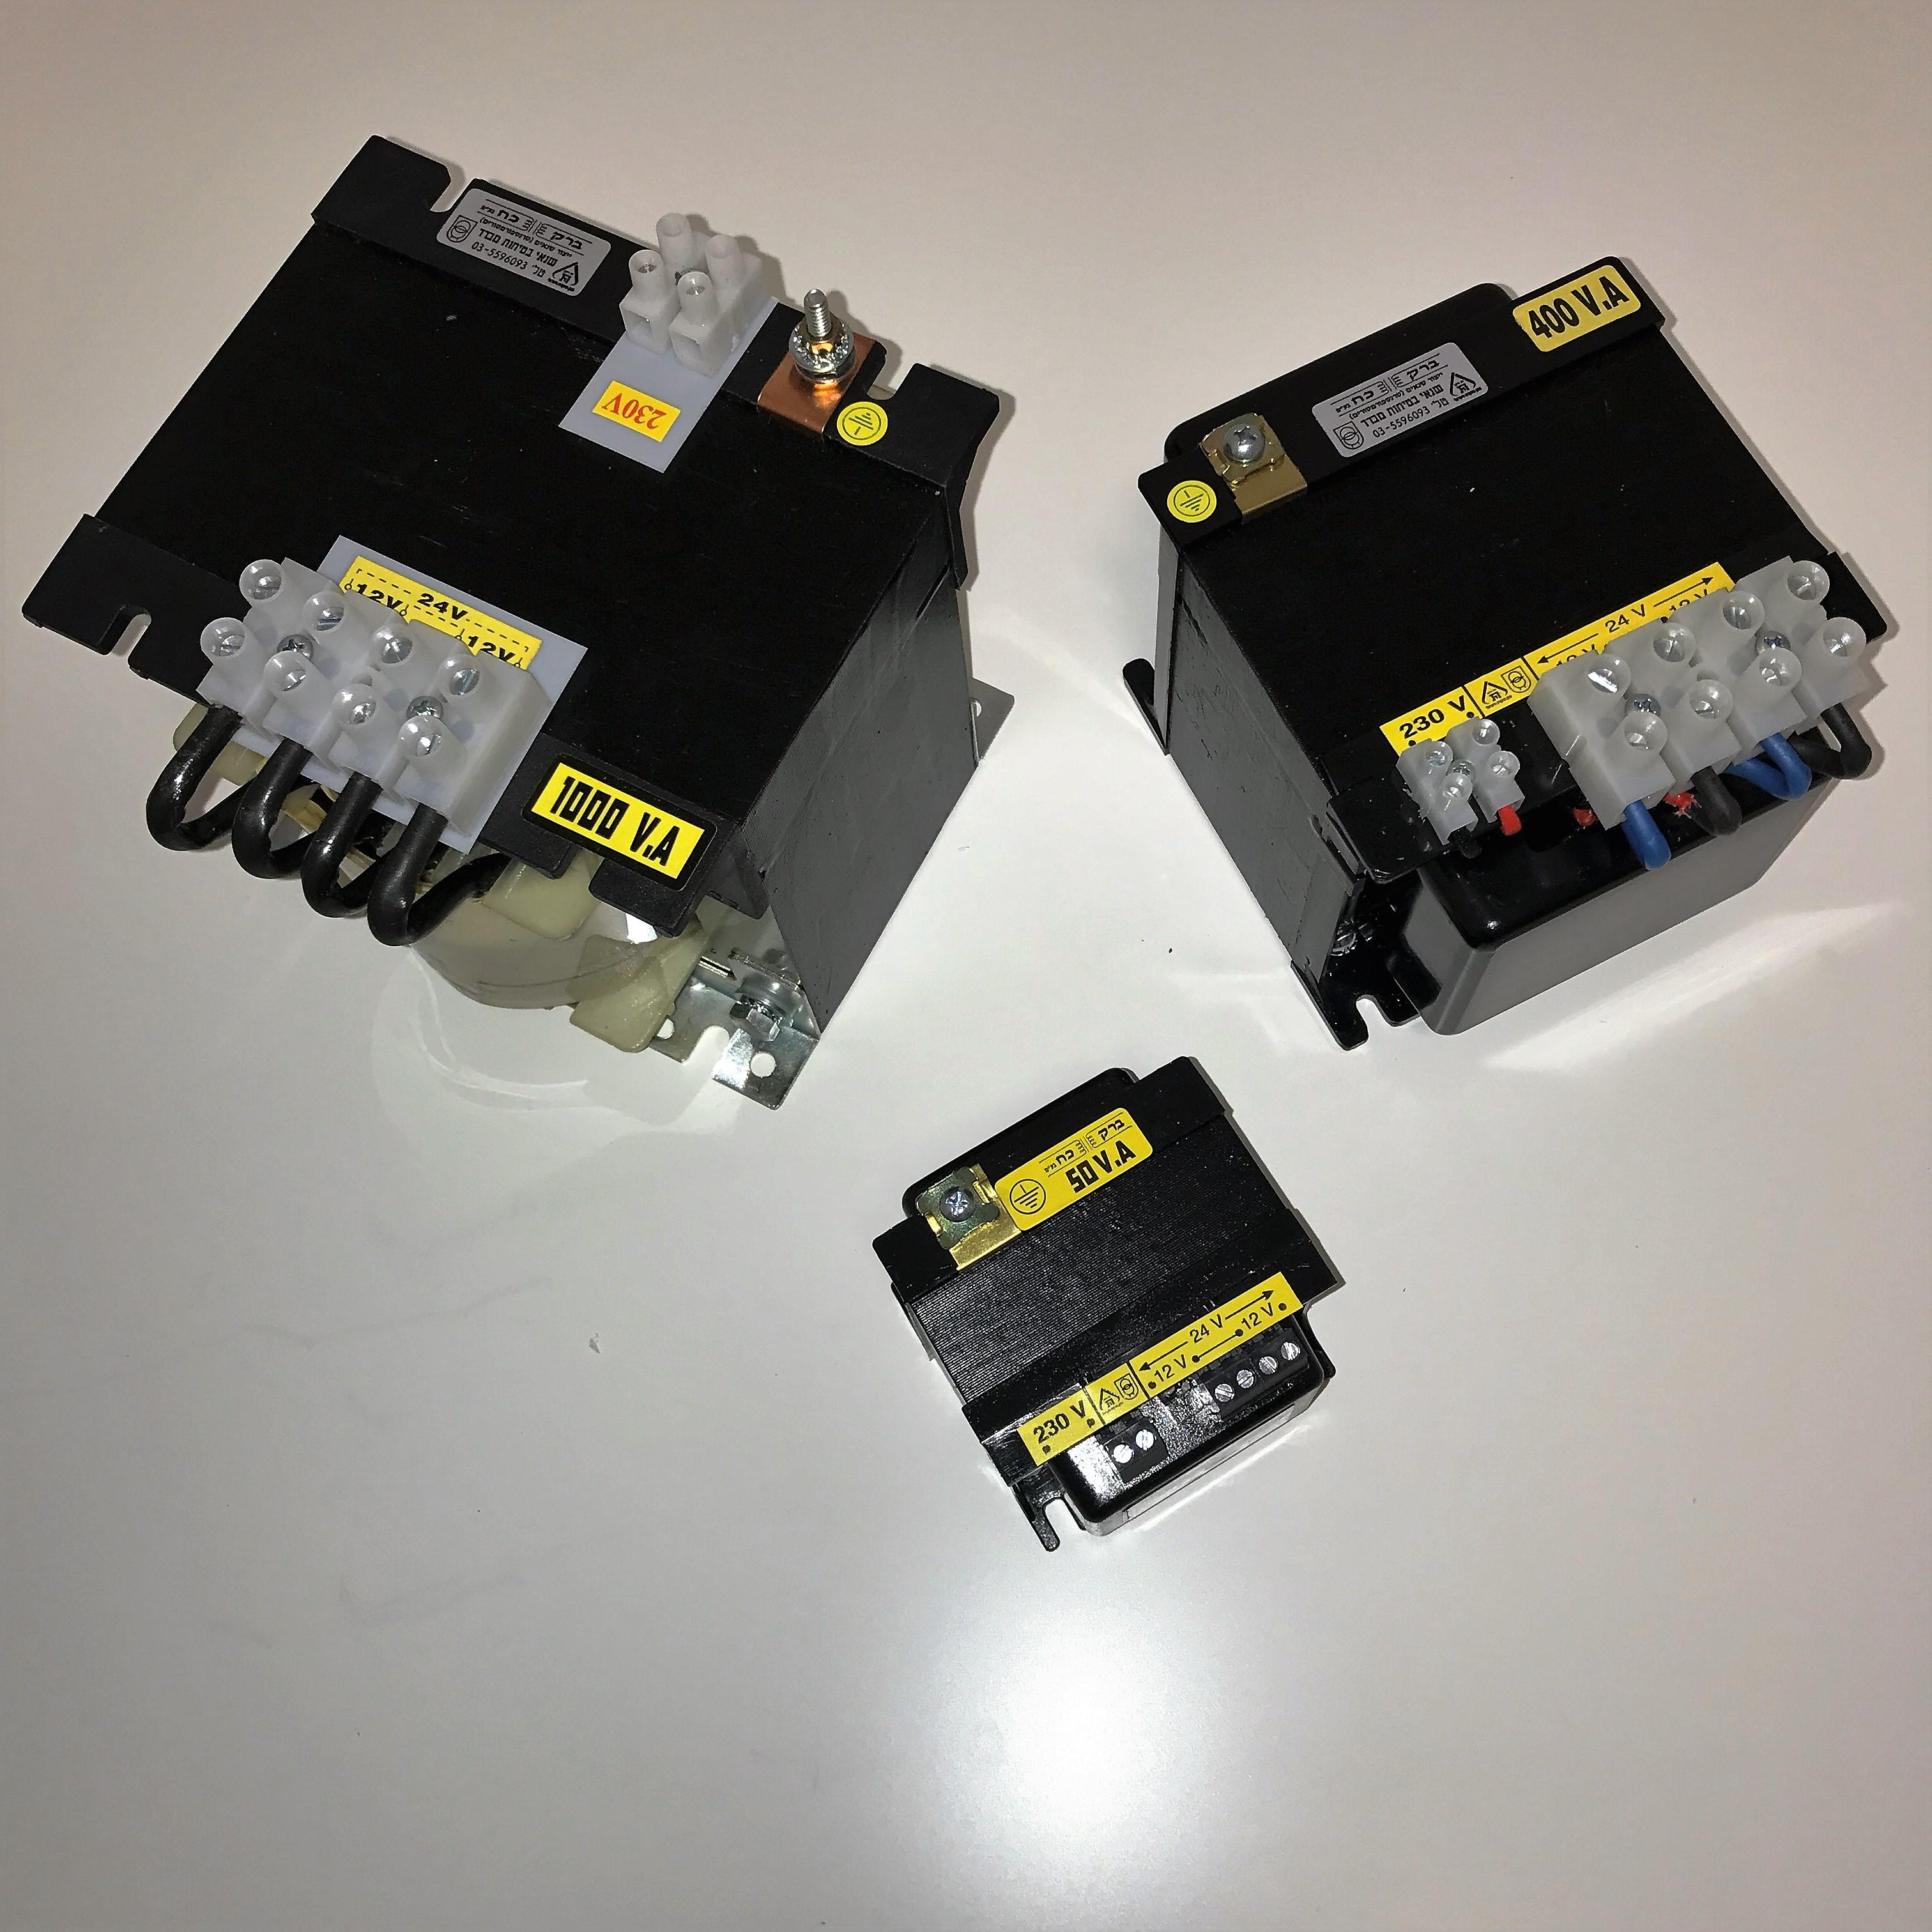 שנאי מבדל בהספק 4000VA במתחים 230V-12V